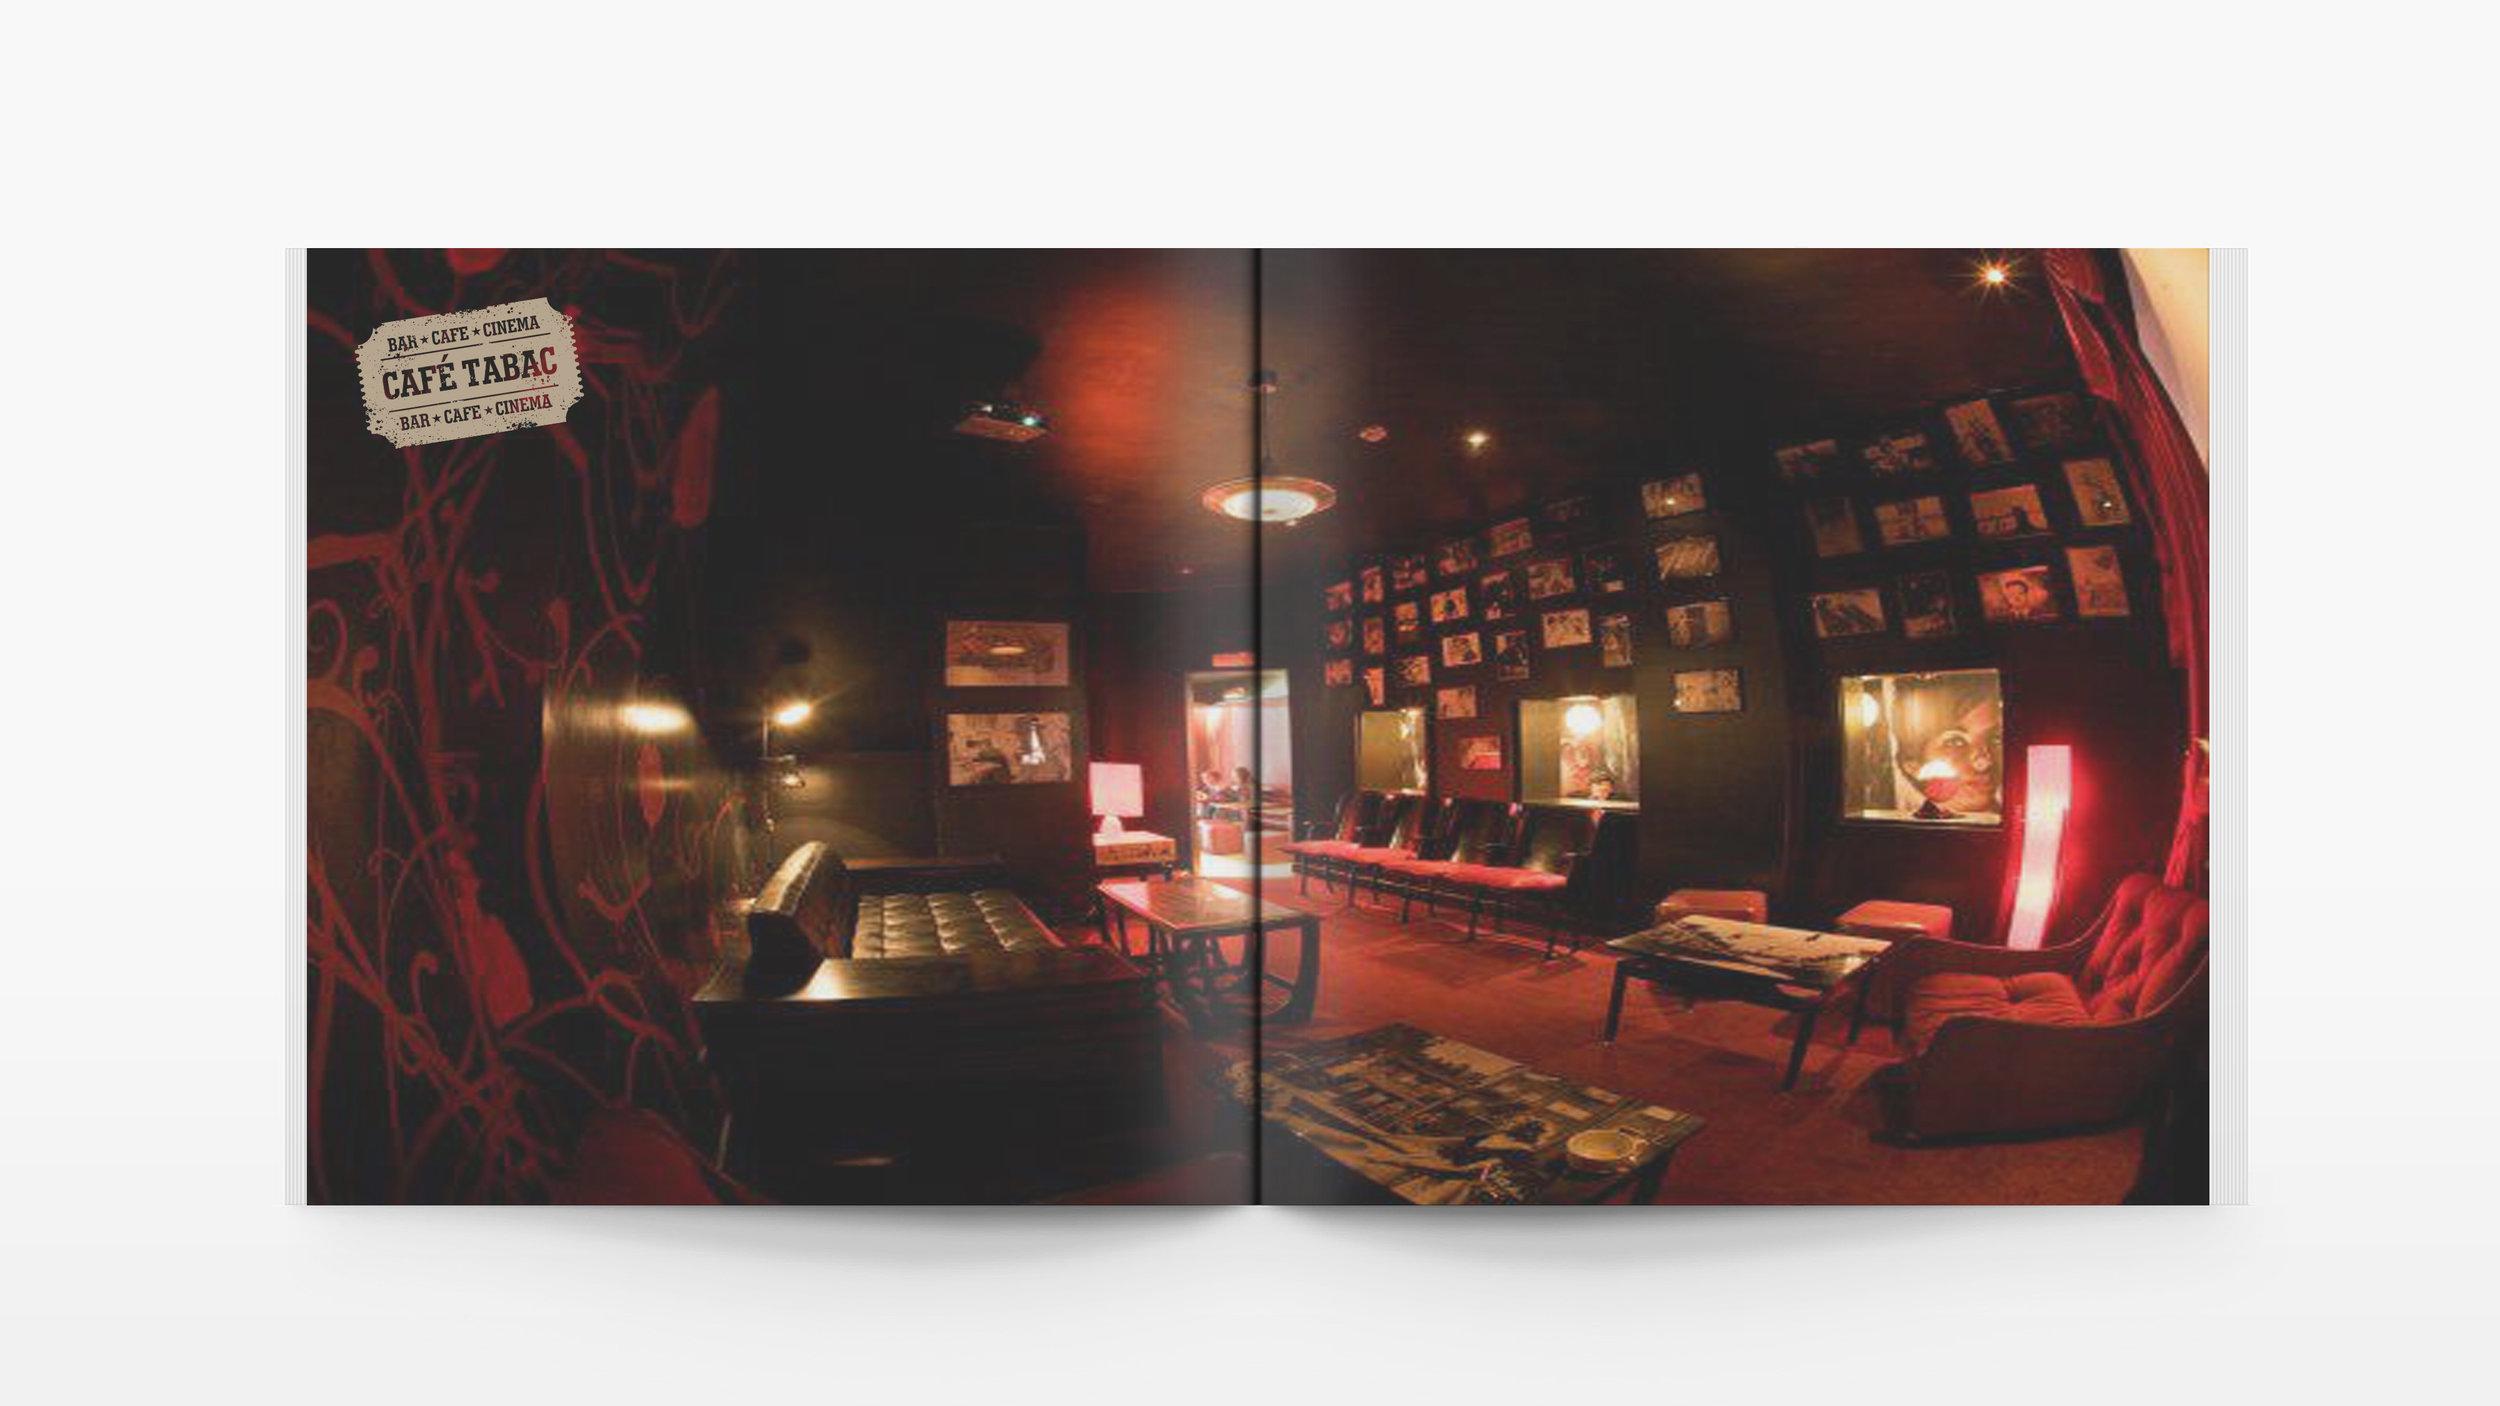 Brand_republica_branding_and_interior_design_cafe_tabac_03.jpg